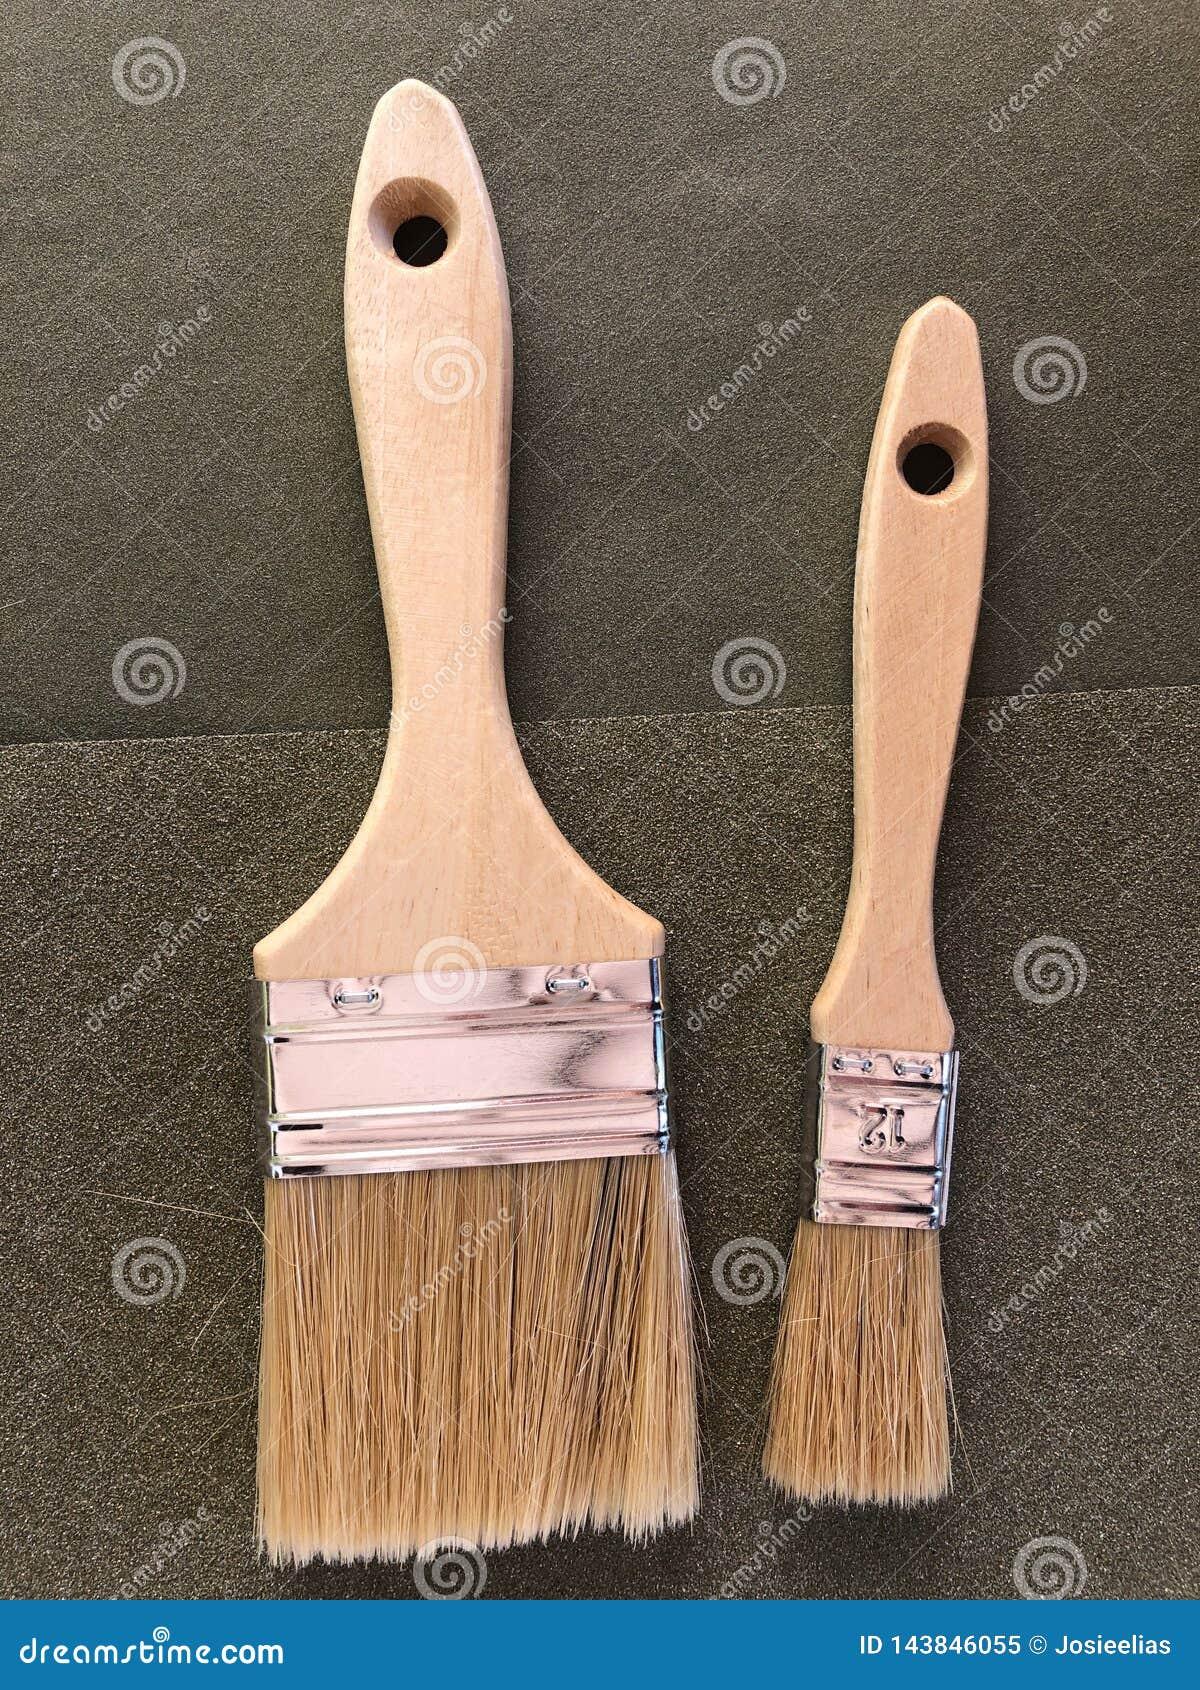 Улучшения дома и DIY, 2 кисти